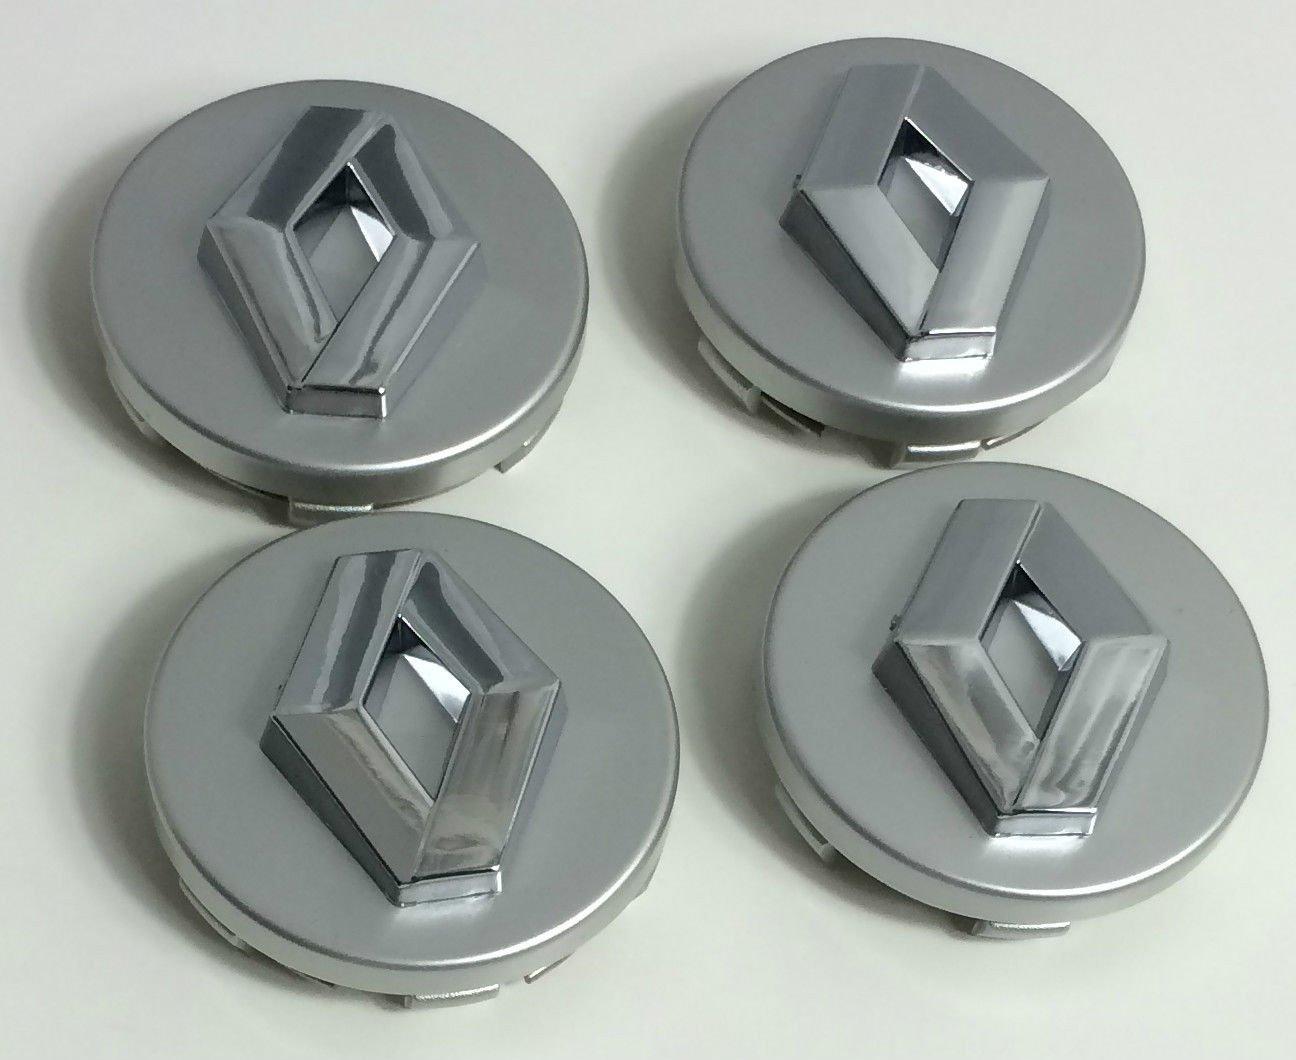 Set de 4 Renault llantas de aleació n Centro Tapacubos Insignia, 60 mm), color plateado cromado 60mm) GooDealShop